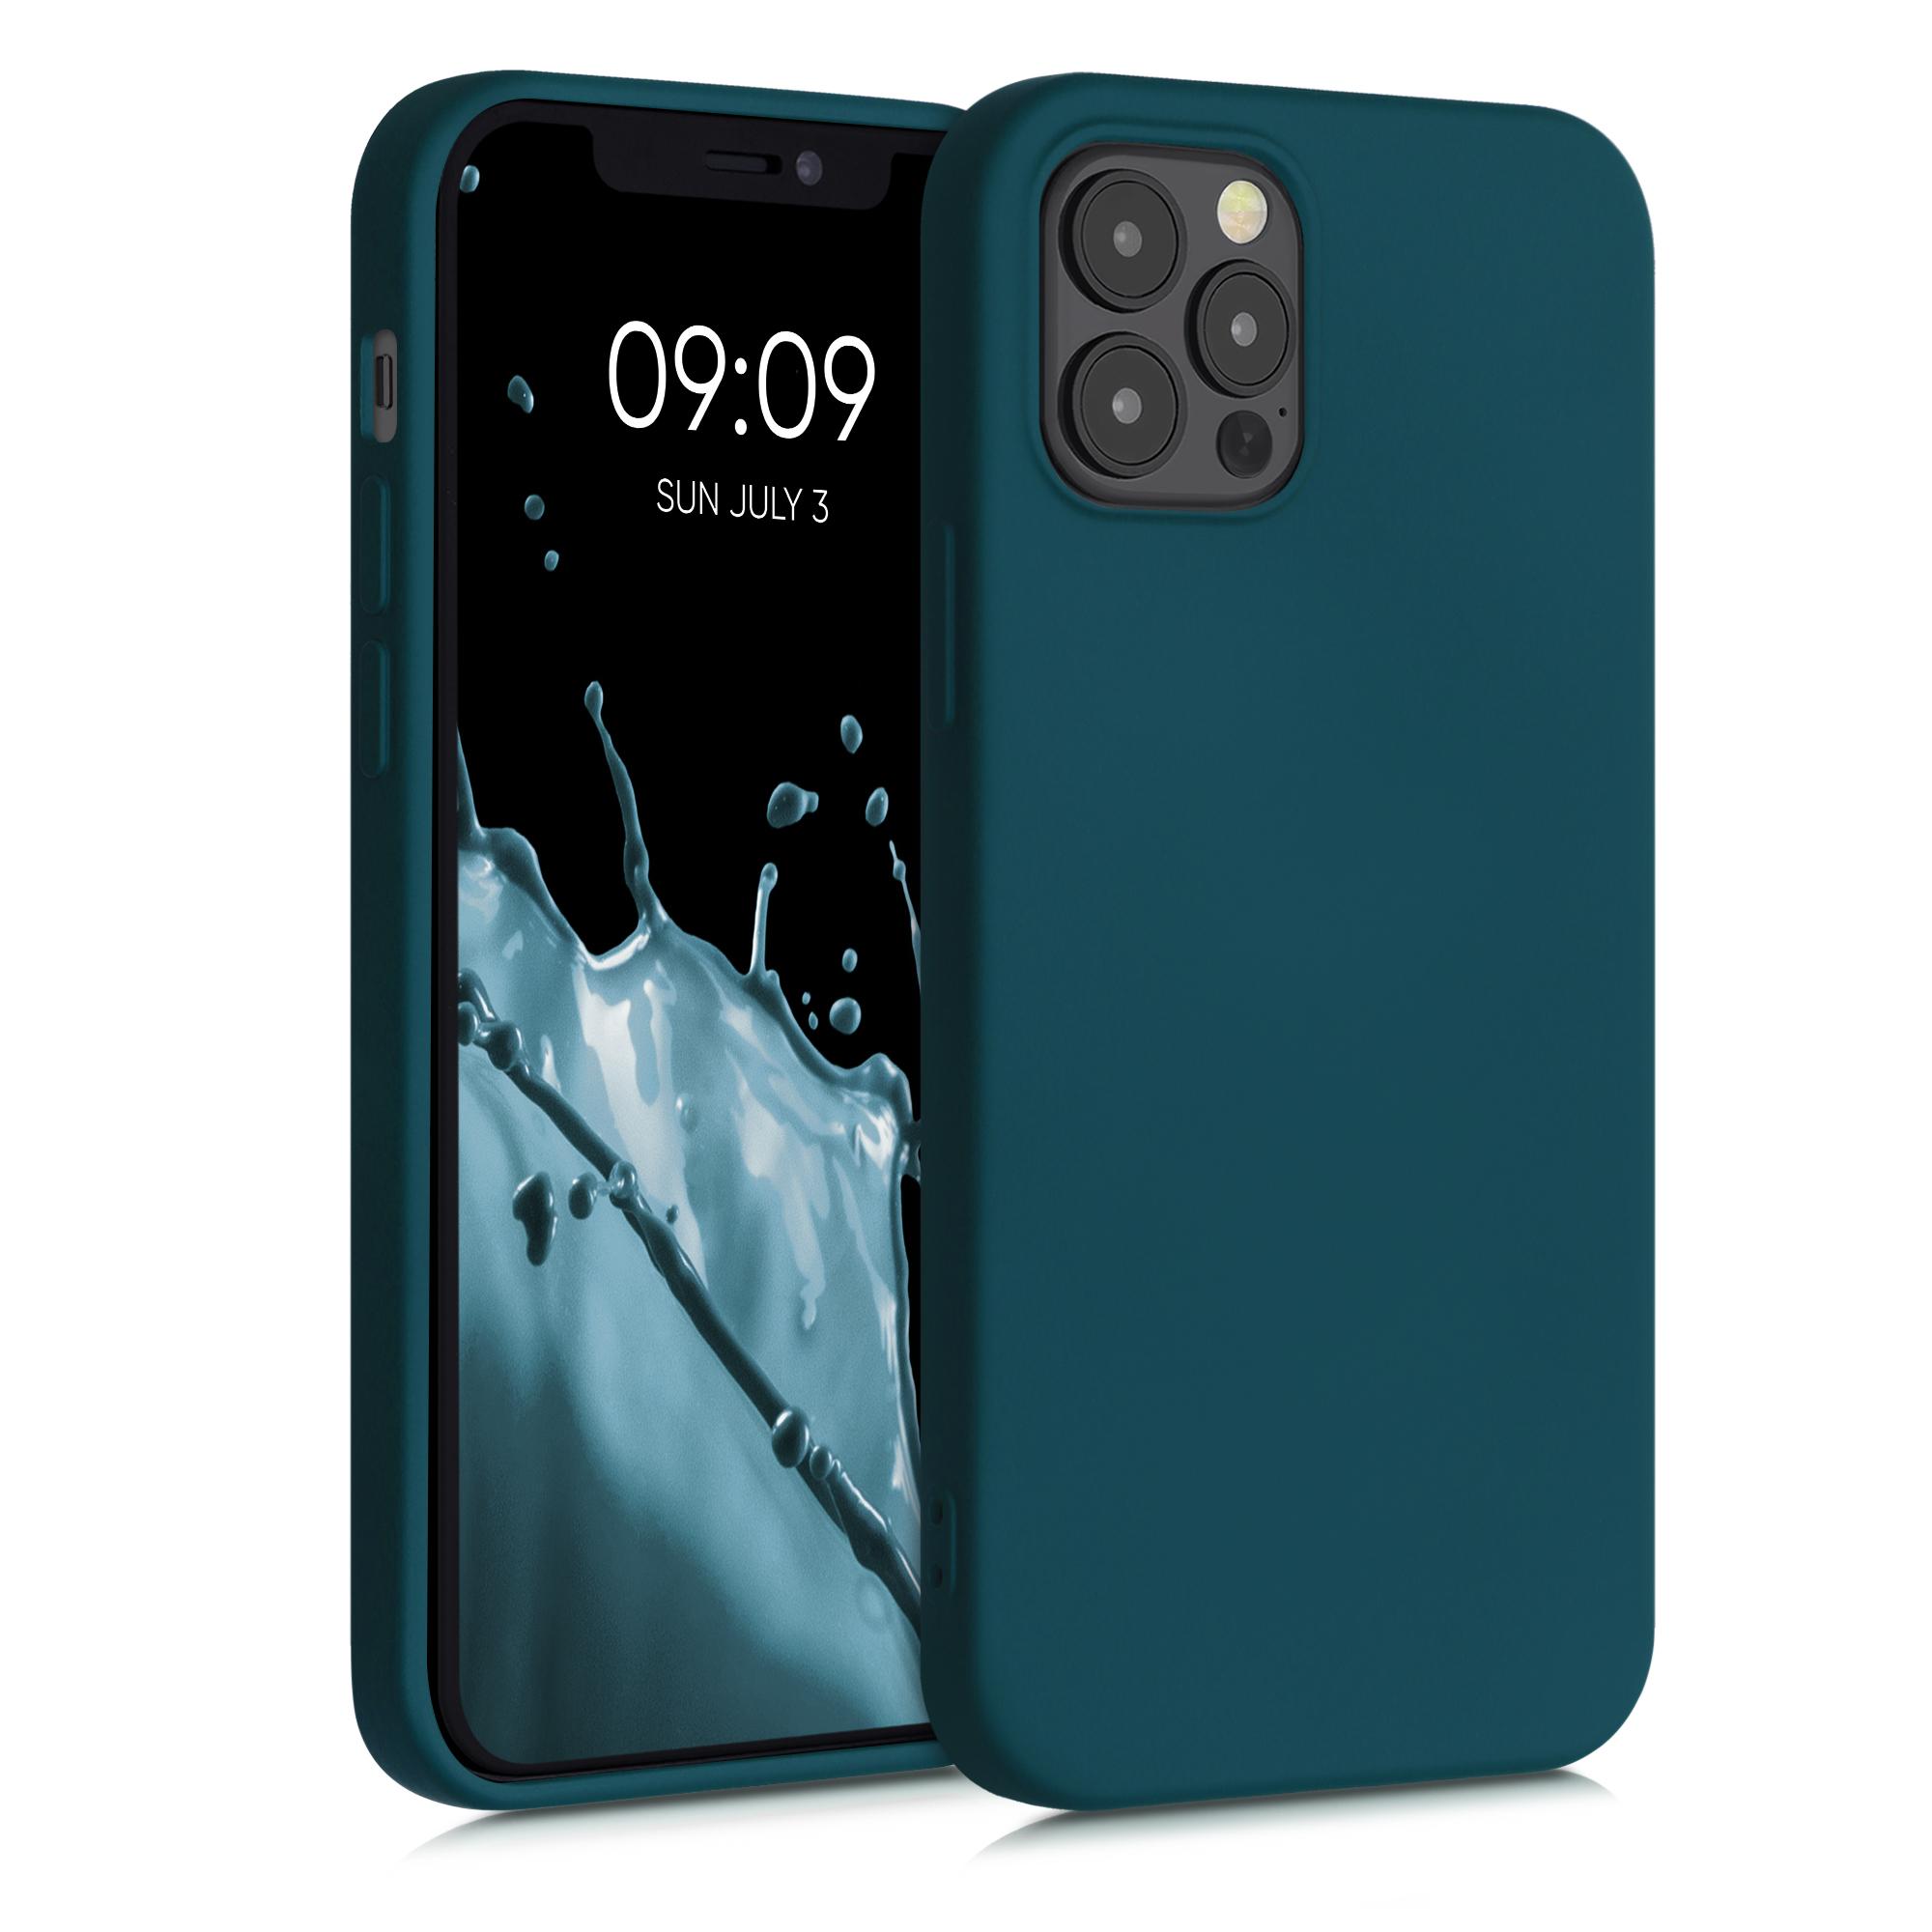 Kvalitní silikonové TPU pouzdro pro Apple iPhone 12 / 12 Pro - Teal Matte